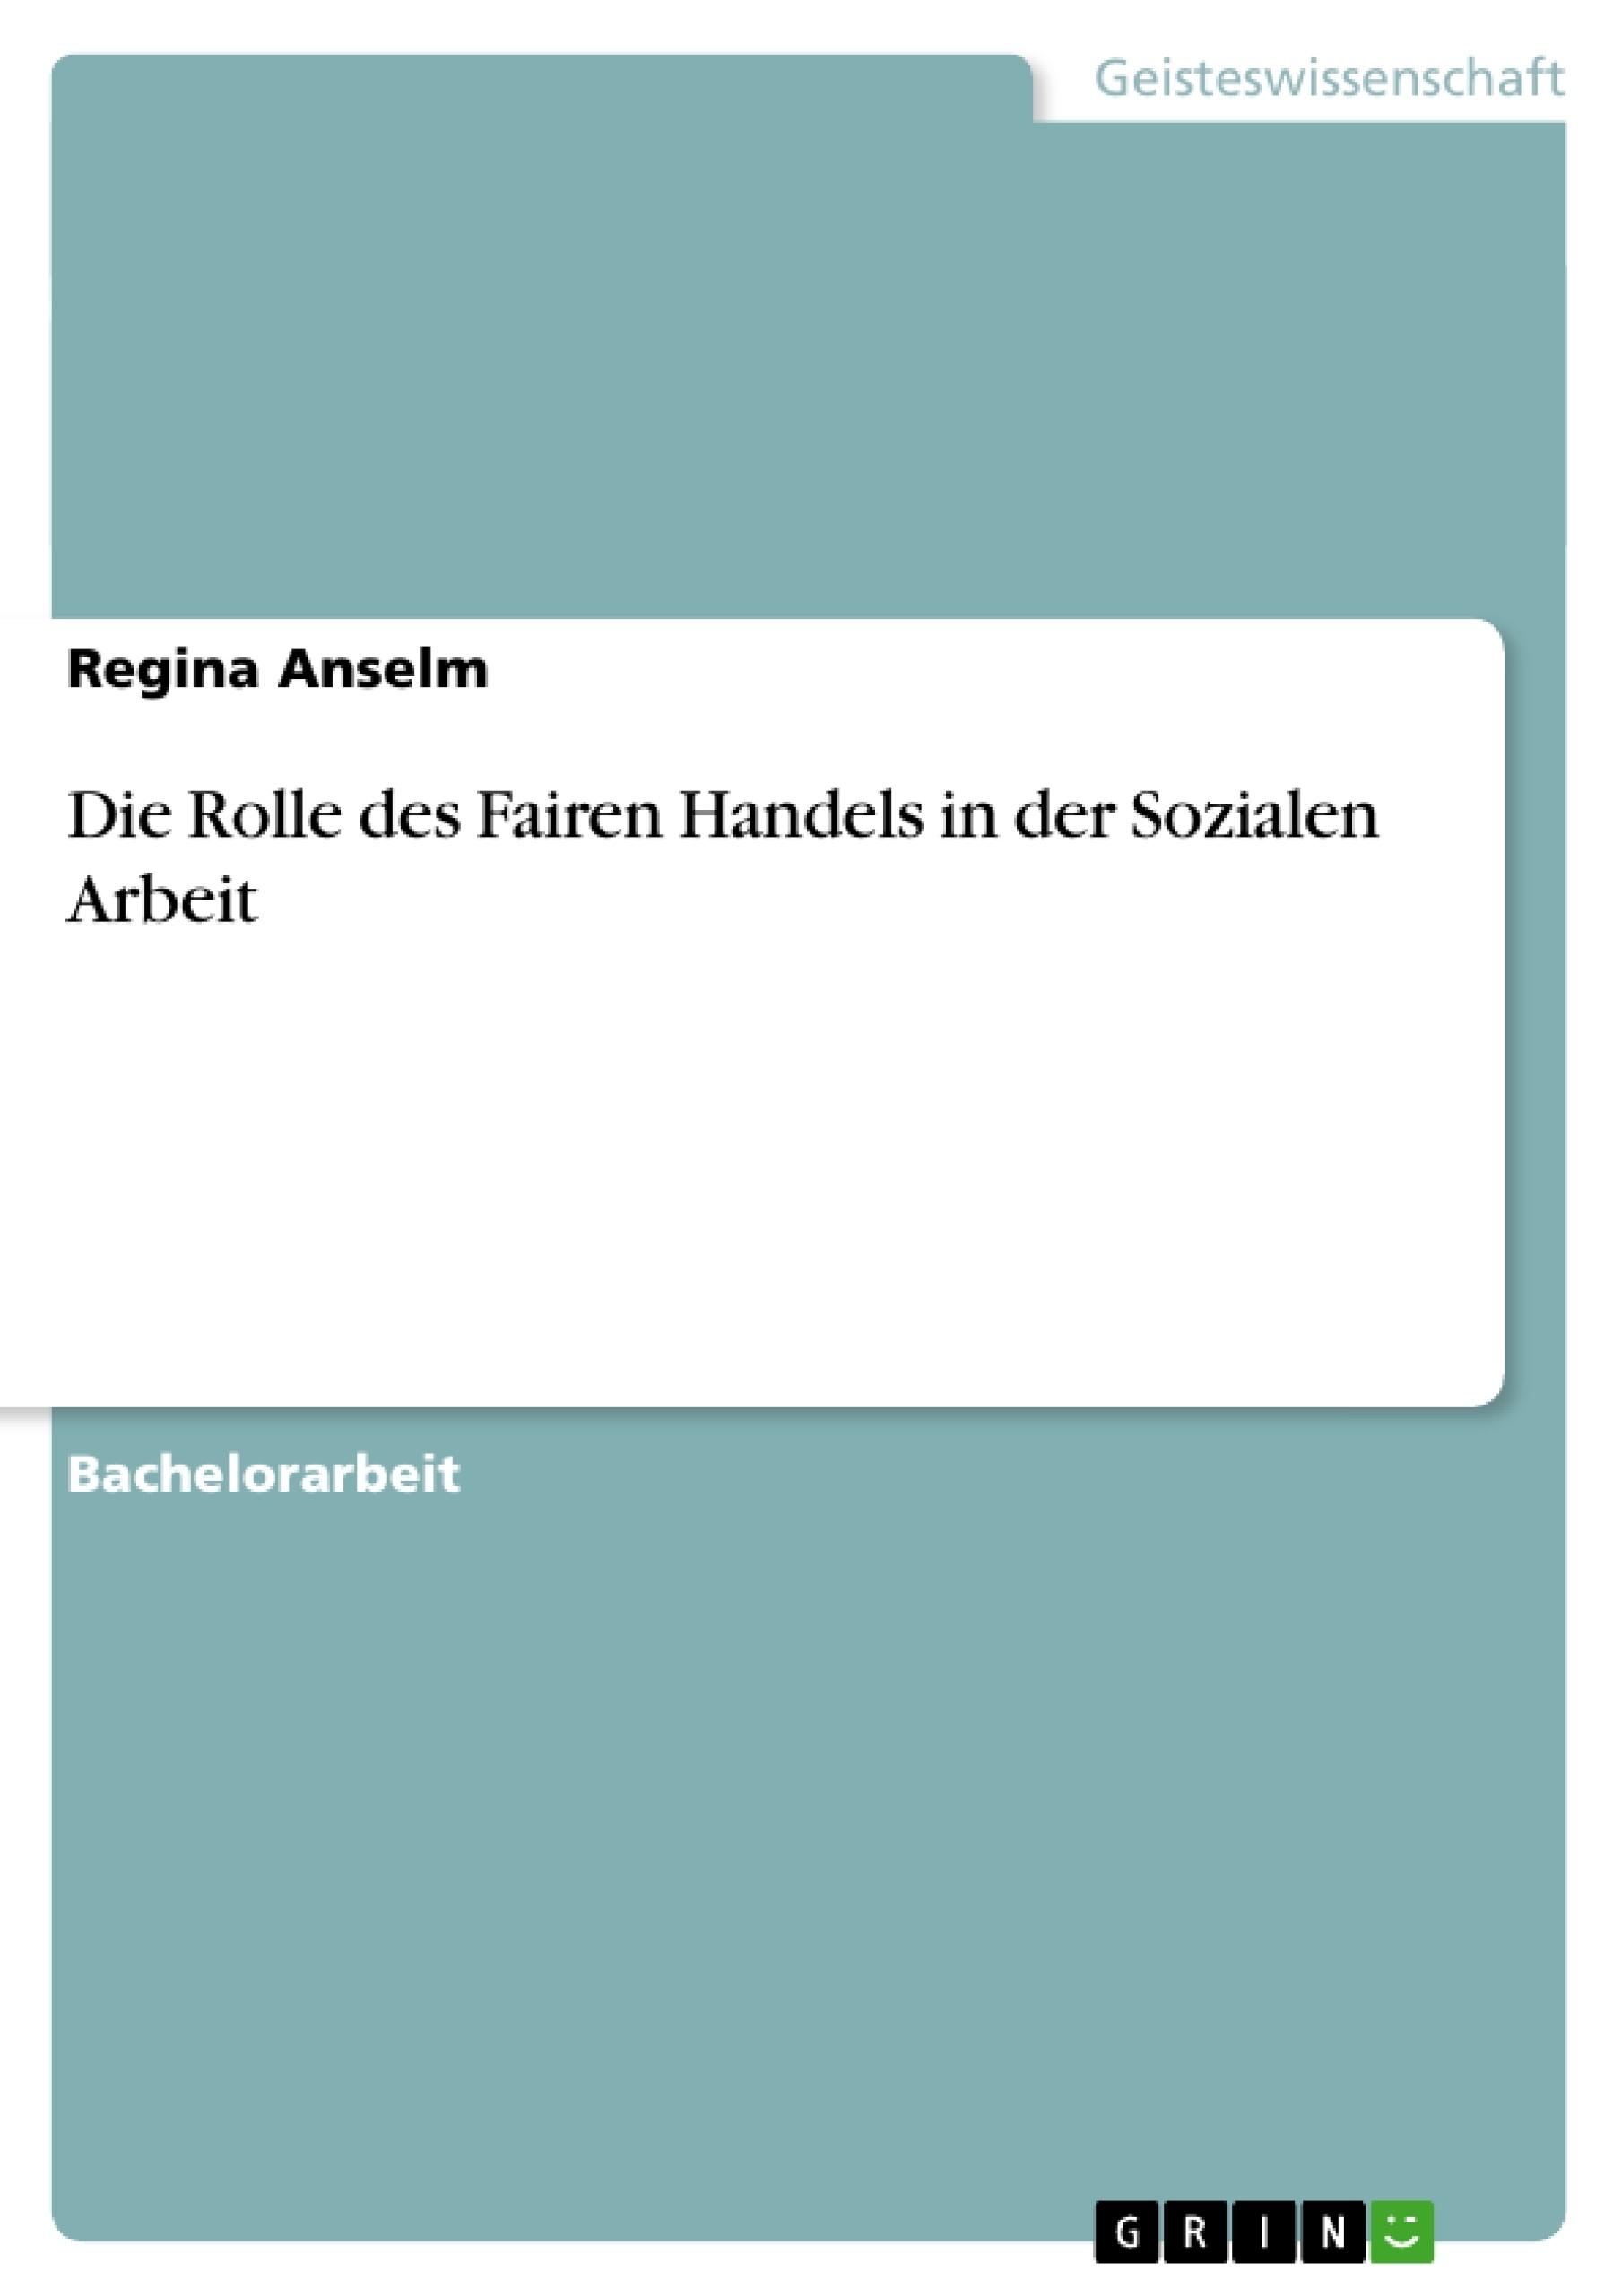 Titel: Die Rolle des Fairen Handels in der Sozialen Arbeit